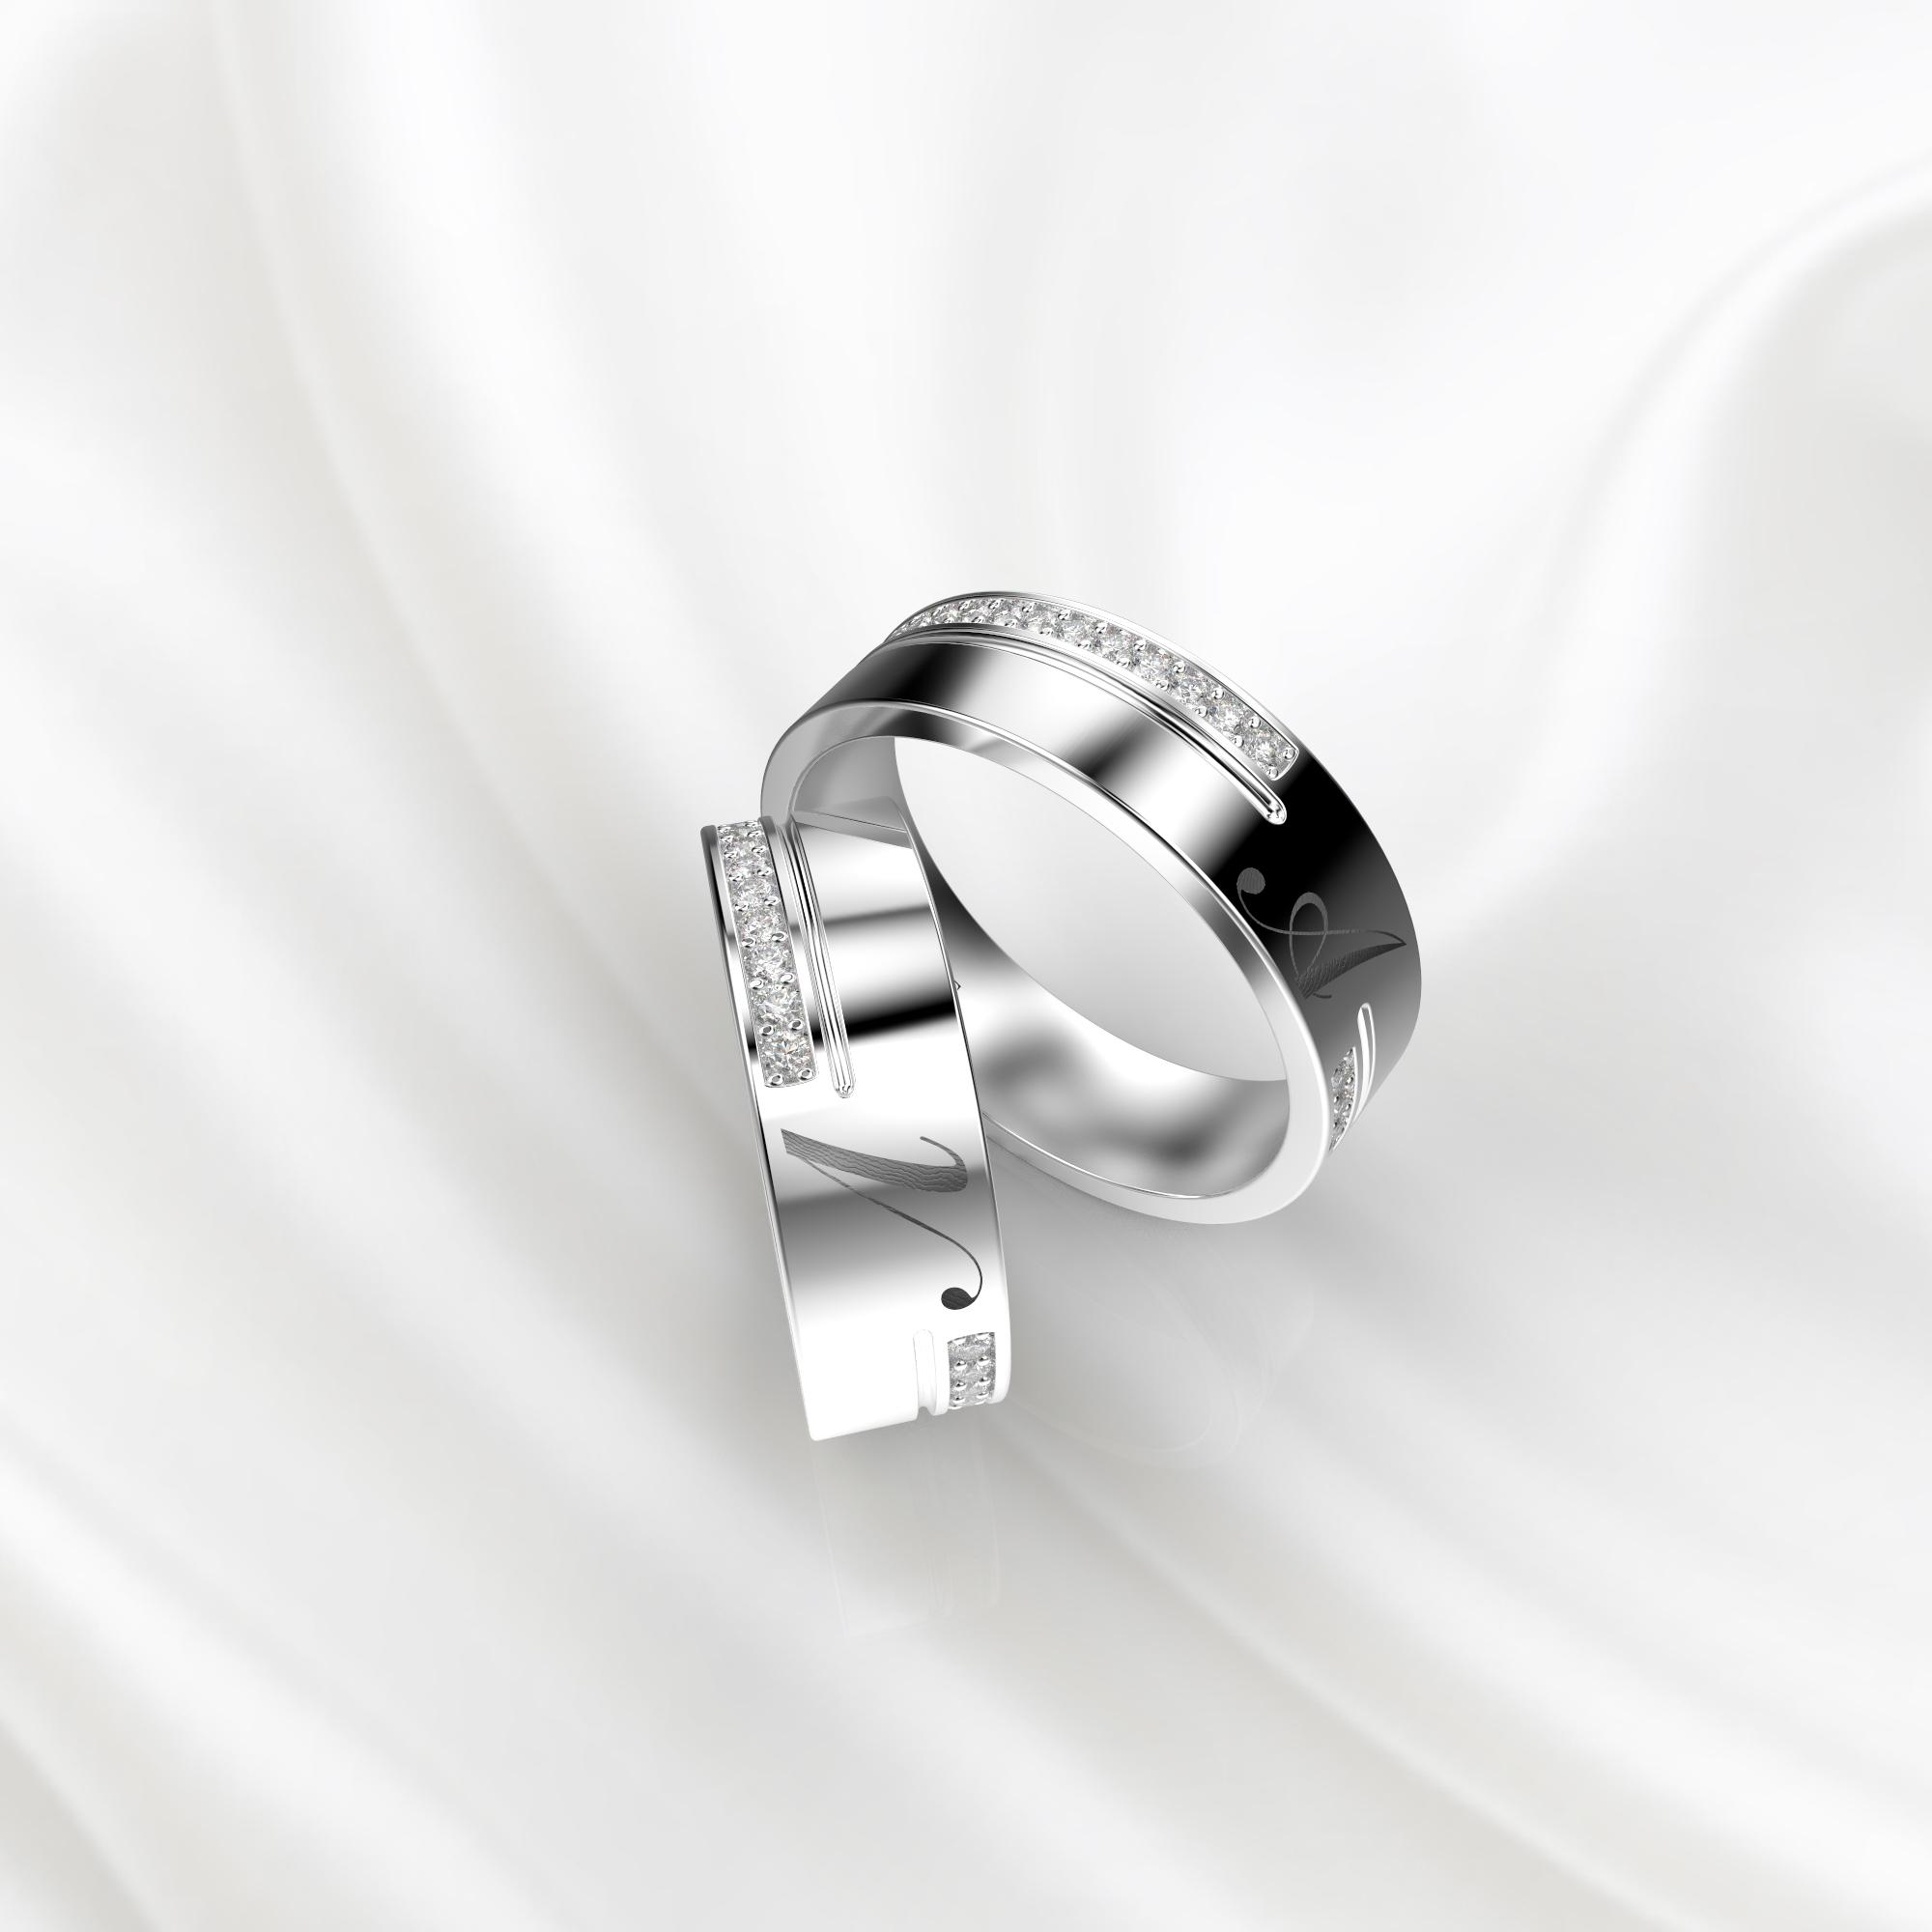 NV61 Парные обручальные кольца из белого золота с гравировкой